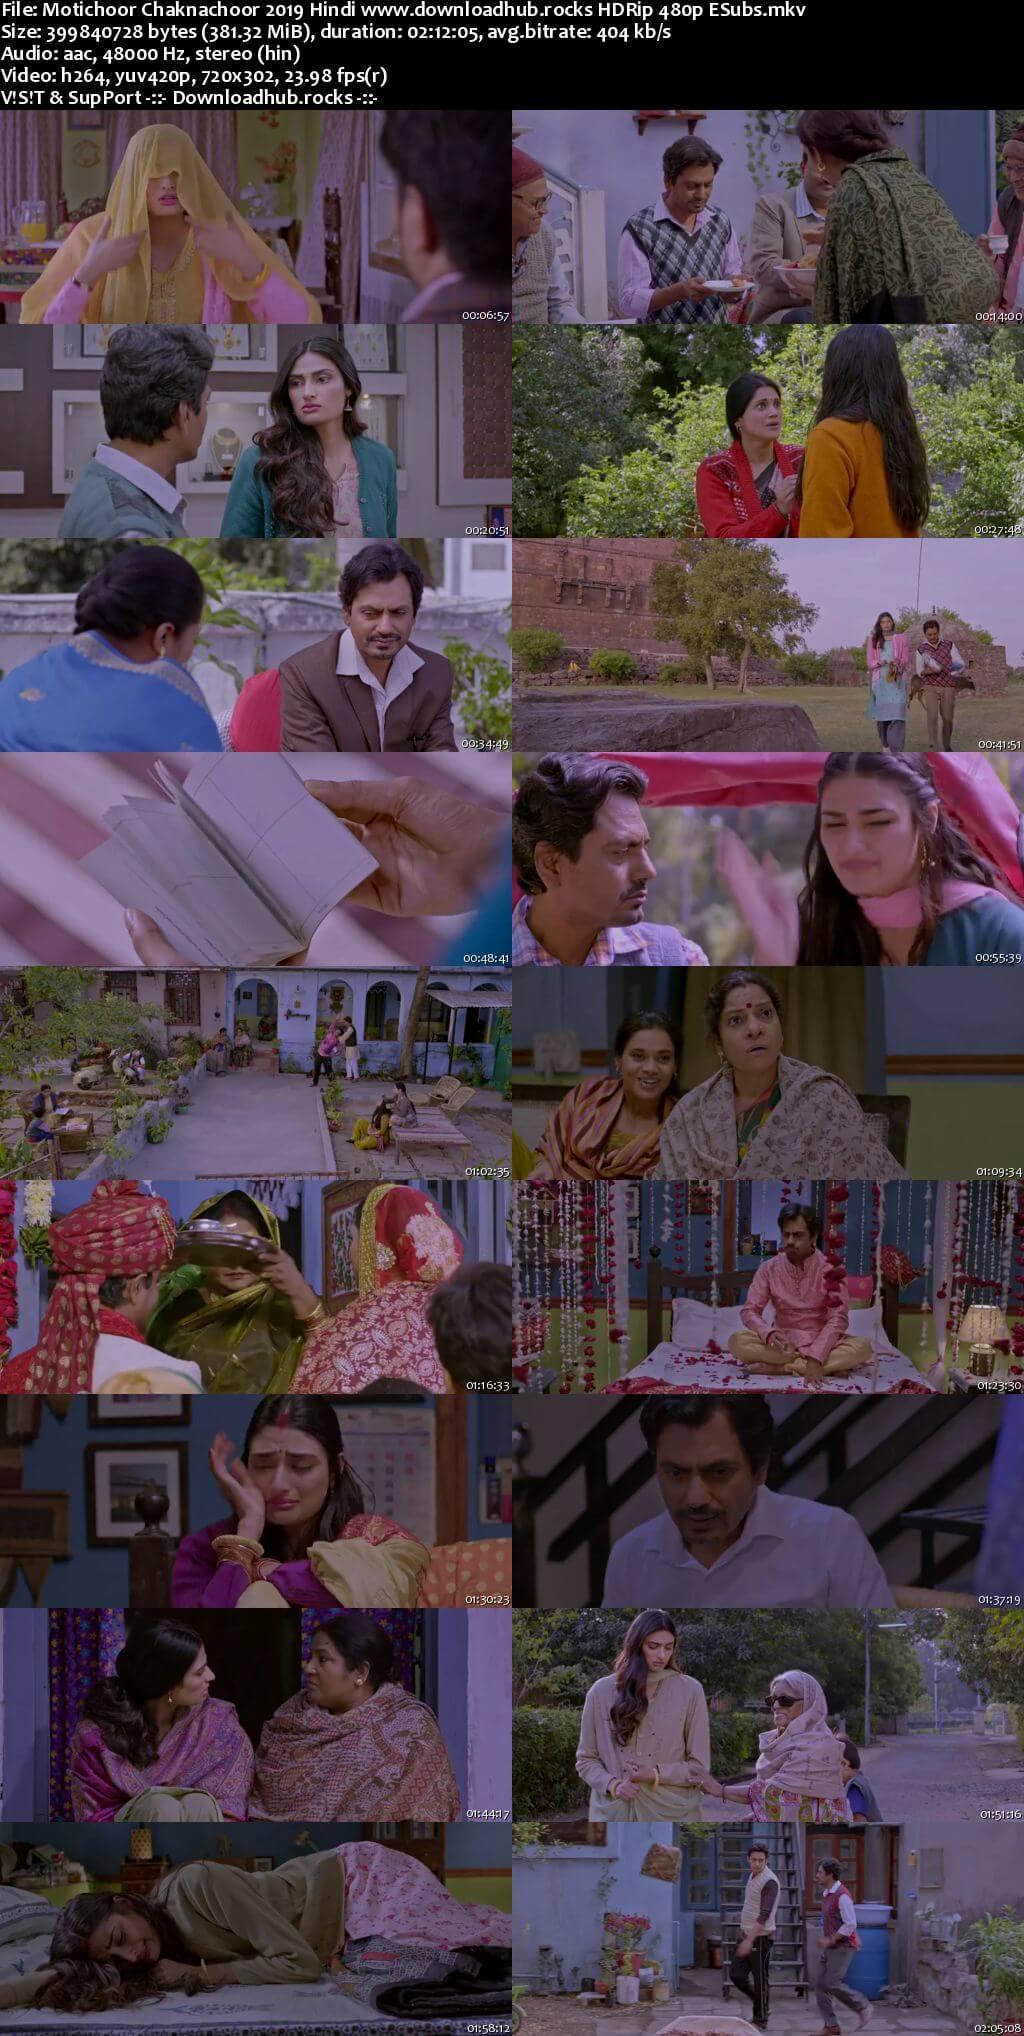 Motichoor Chaknachoor 2019 Hindi 350MB HDRip 480p ESubs